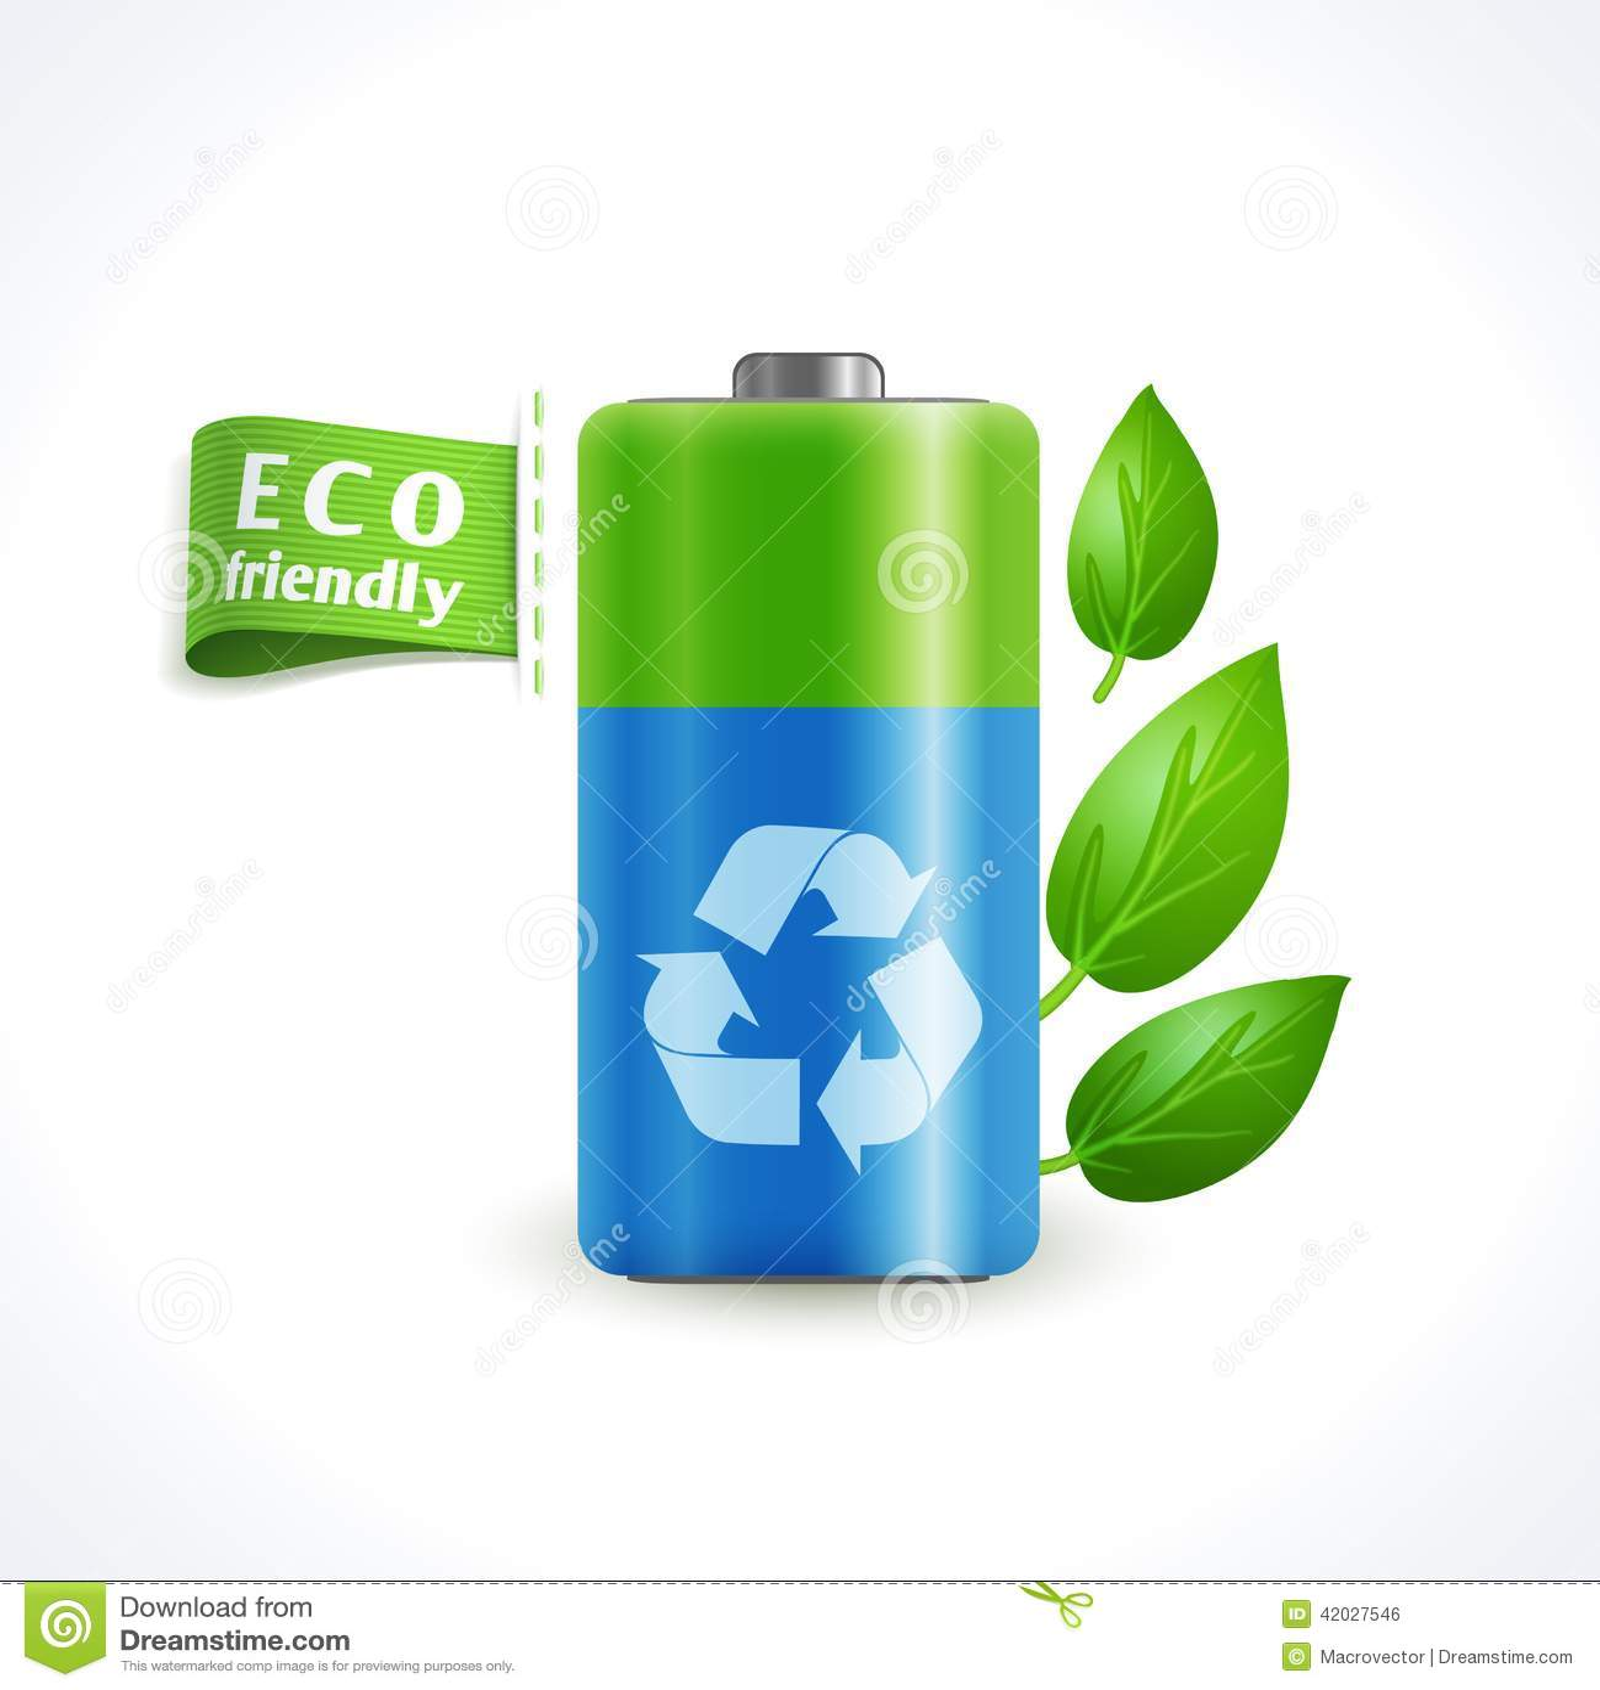 ecology symbol battery stock vector illustration of design 42027546. Black Bedroom Furniture Sets. Home Design Ideas